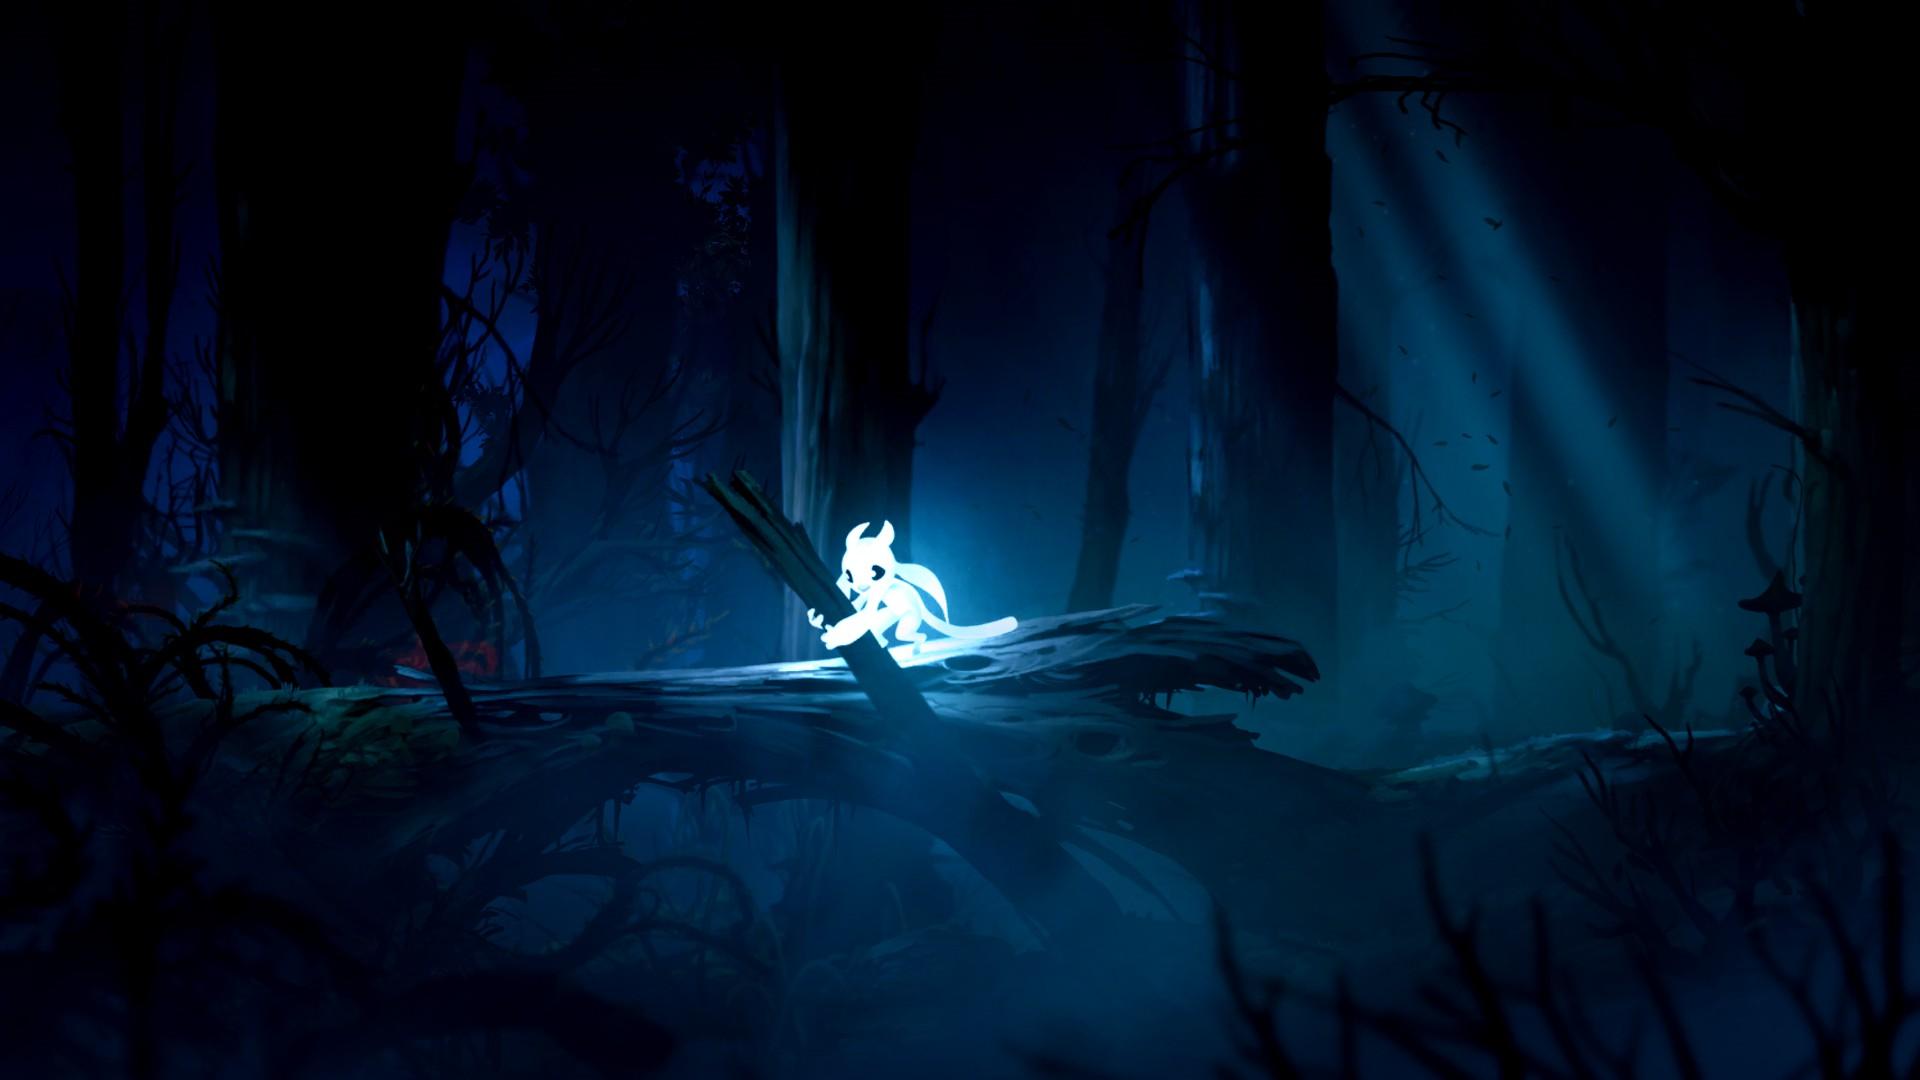 奥日与黑暗森林 图片预览图片